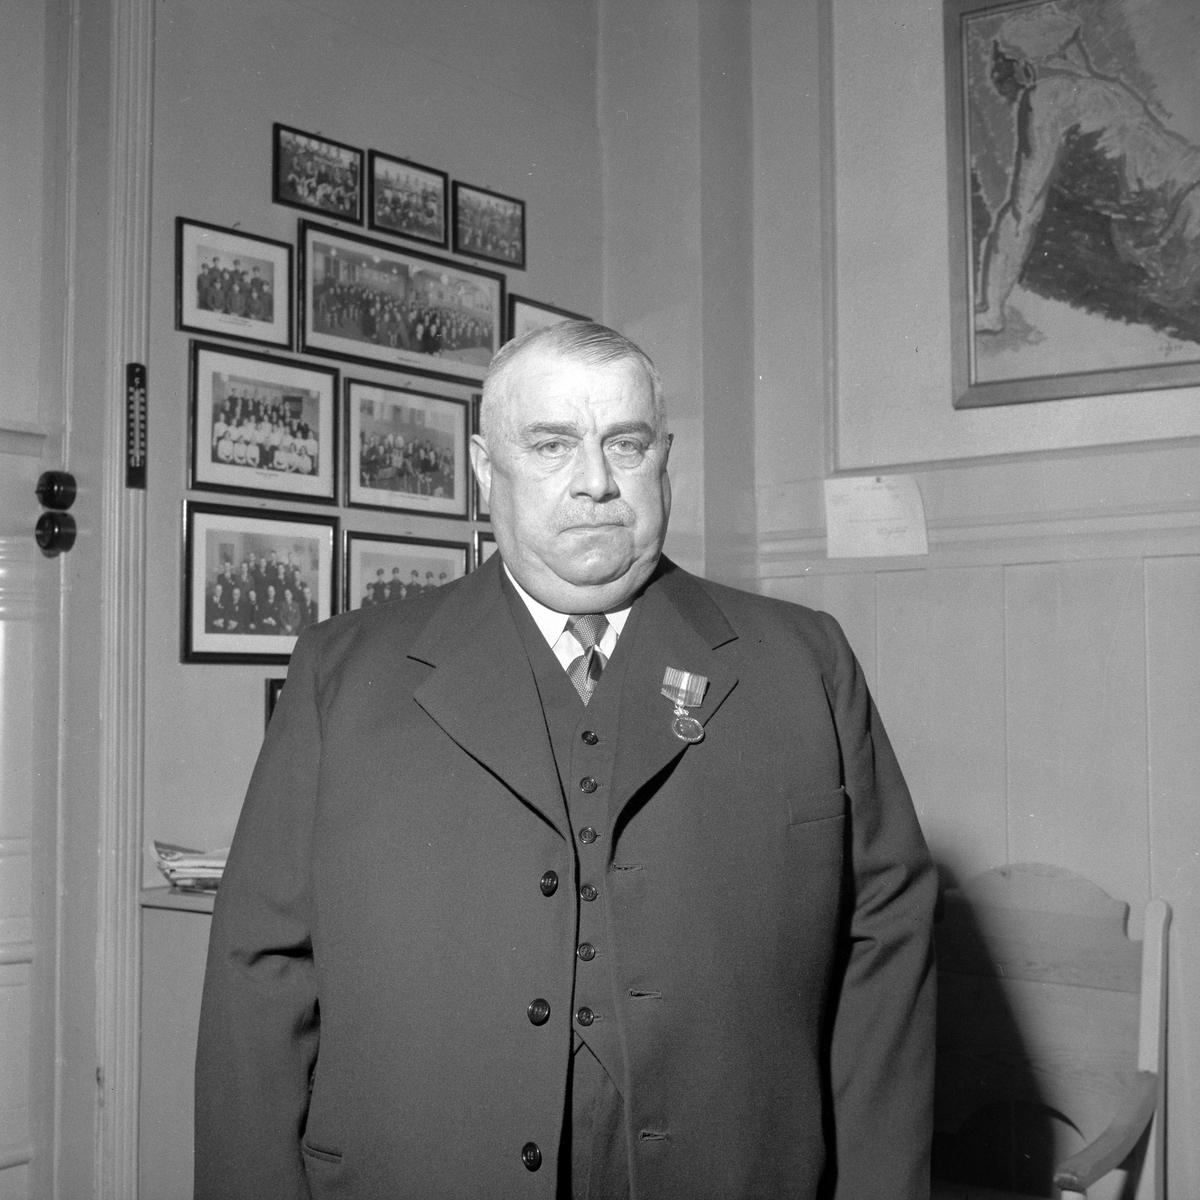 Vaktmester Alfred Halvorsen tildeles H.M. Kongens fortjenstmedalje for 50 år ved E.C. Dahls Bryggeri av direktør O.K. Lysholm